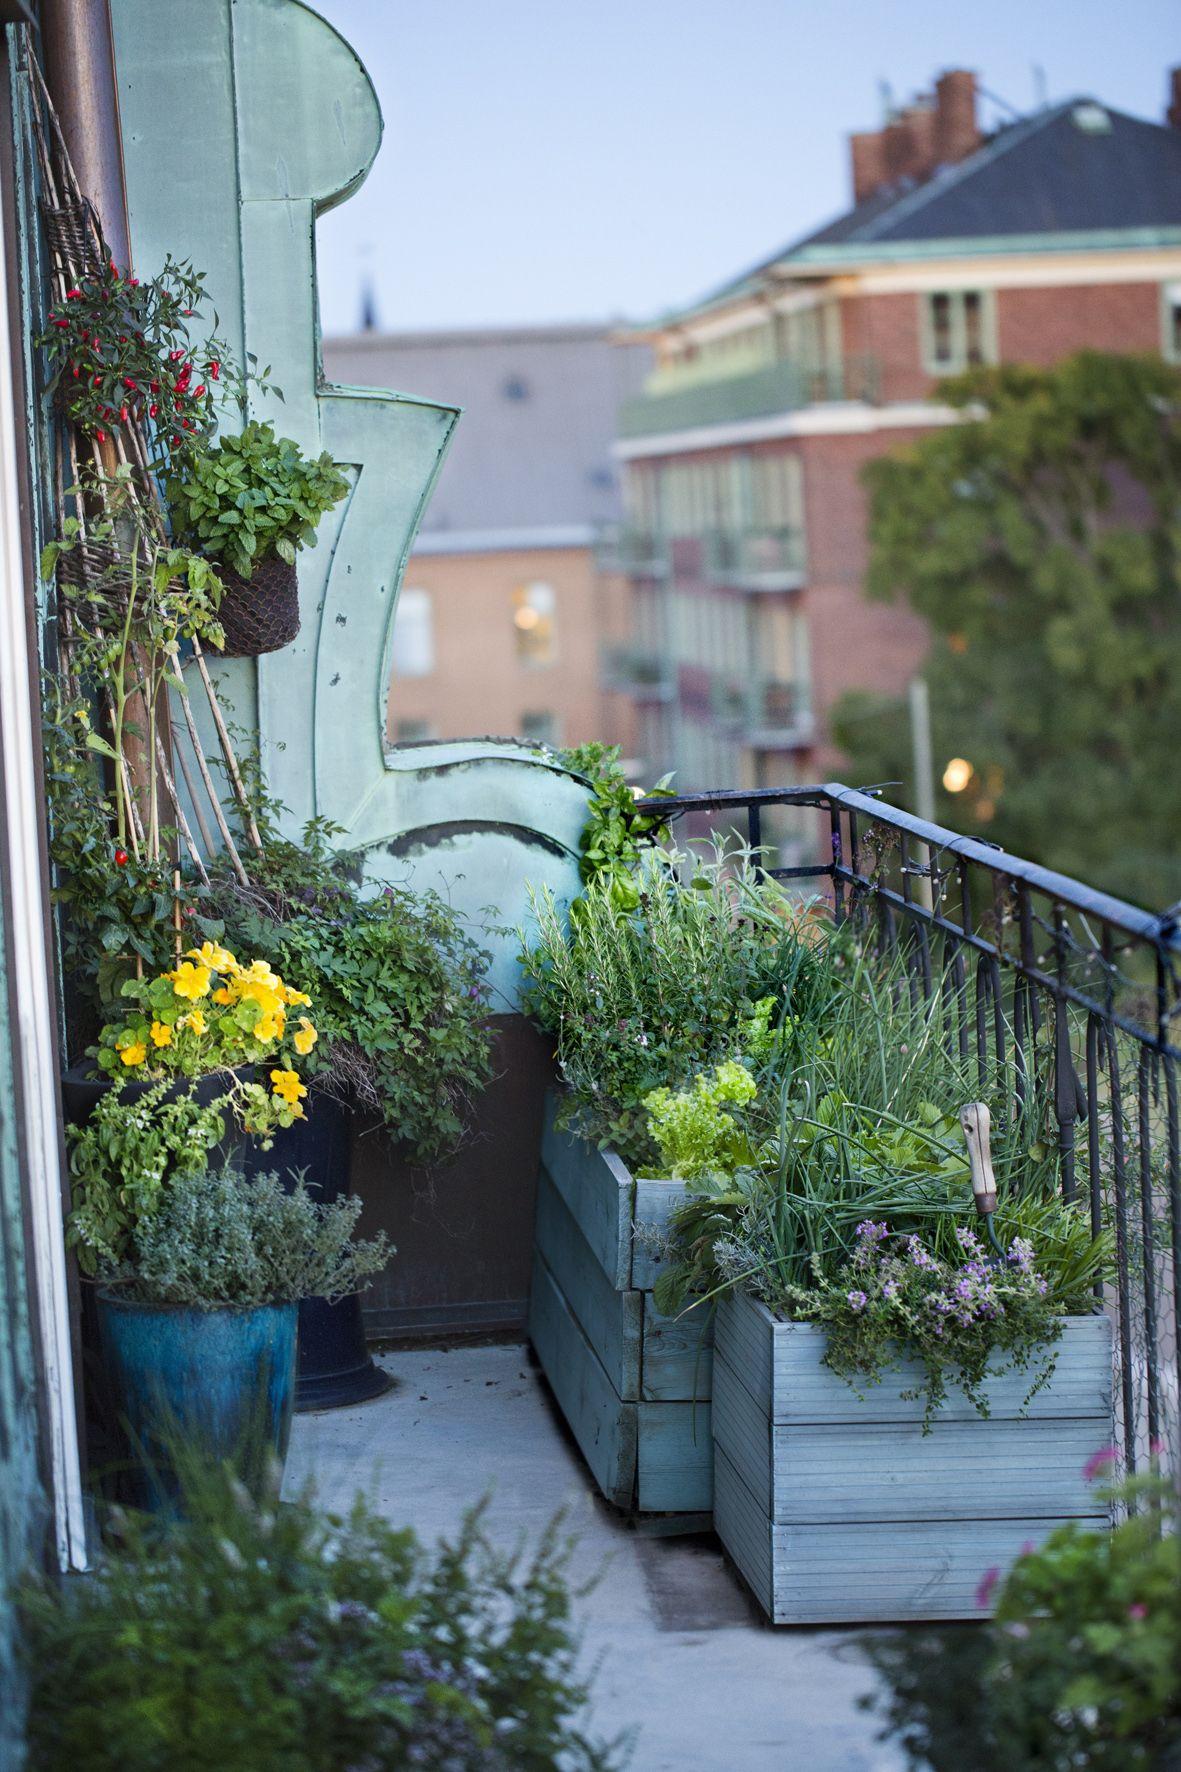 Pin by milena jovanovic on Home & Garden Decor | Pinterest | Balcon ...